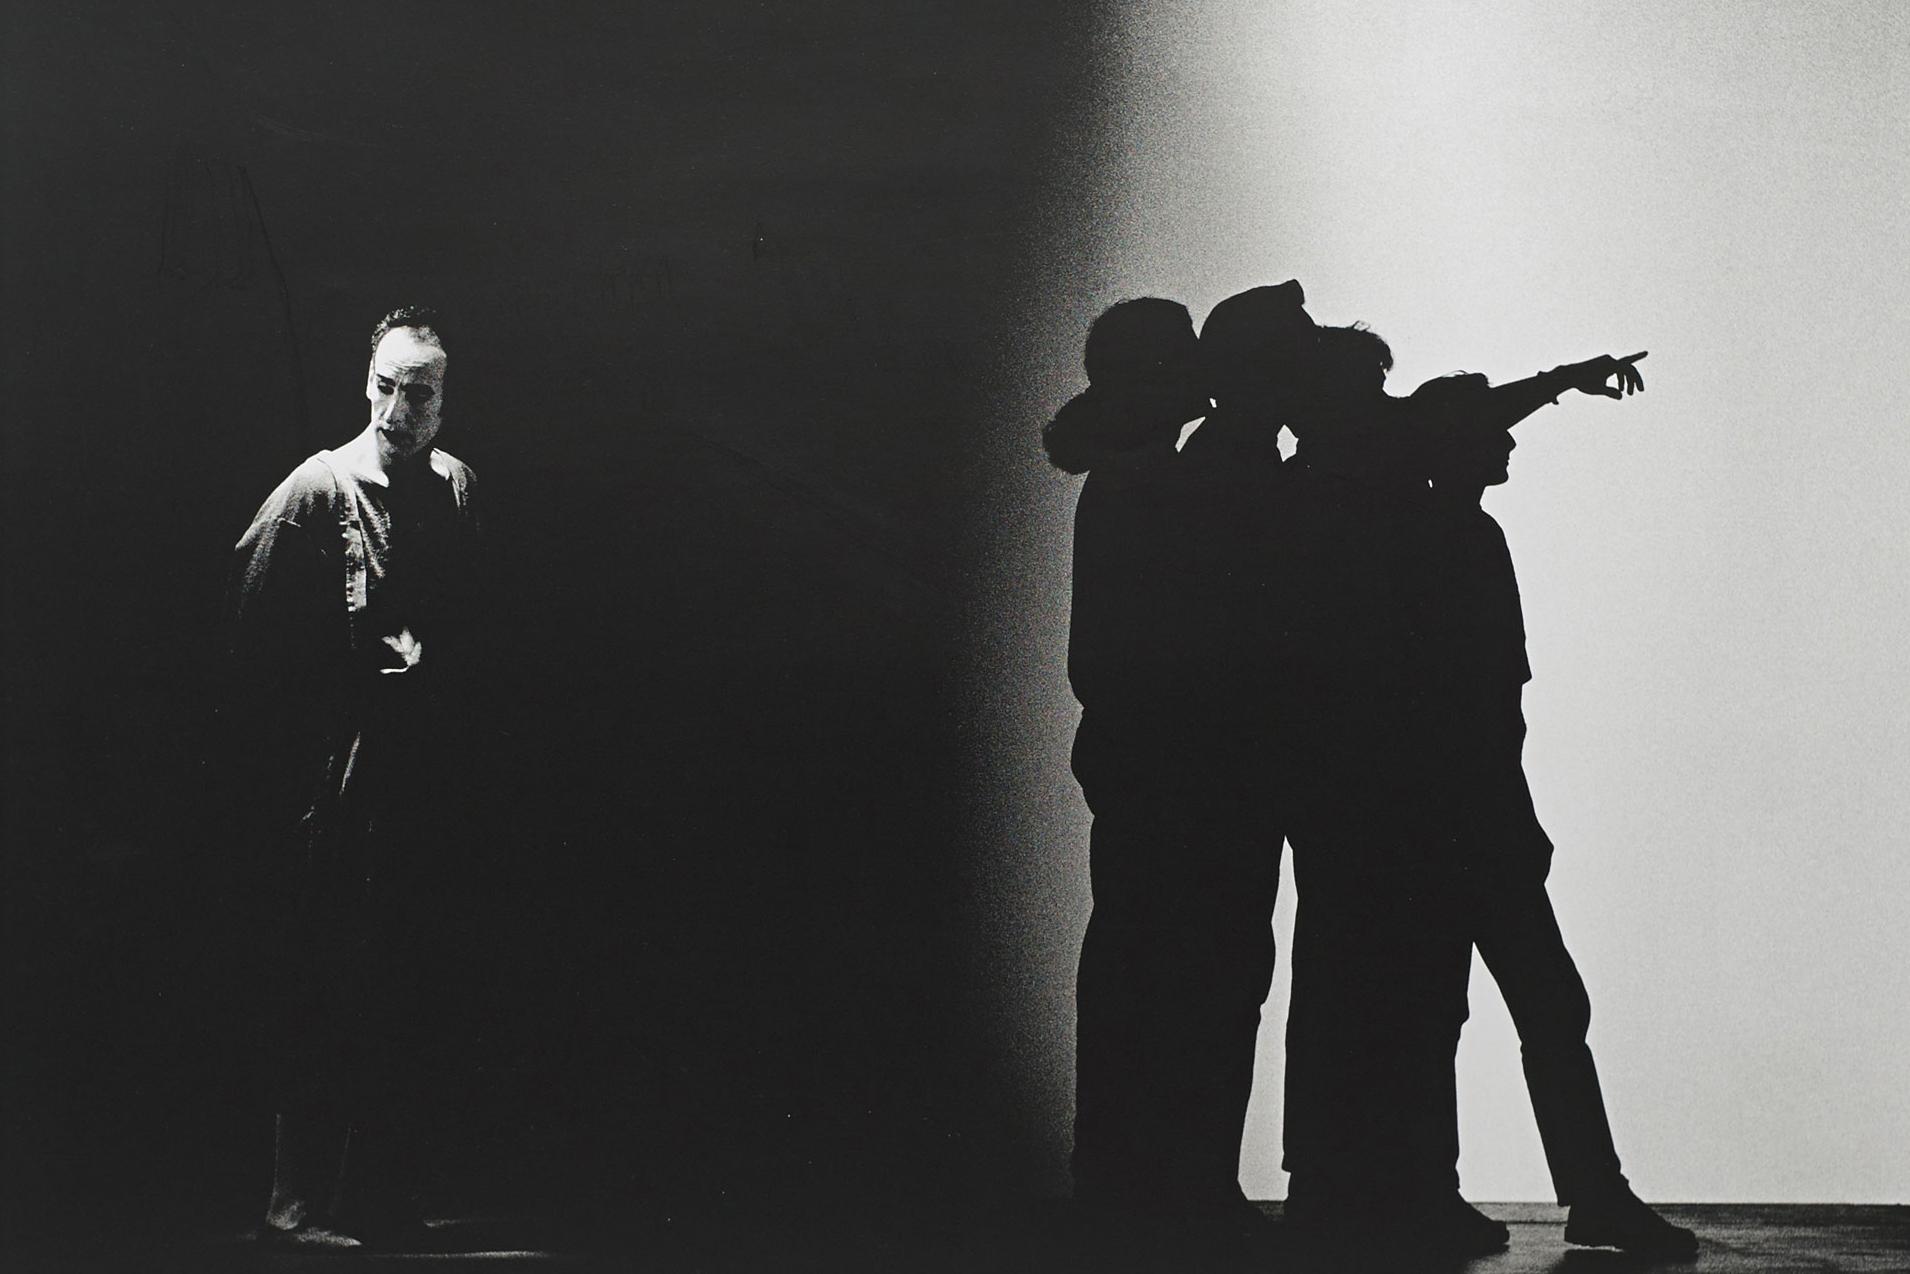 Ein Mann steht im linken Bildausschnitt, er ist ausgeleuchtet, auf der rechten Seiten befinden sich die Schatten von vier weiteren Personen.